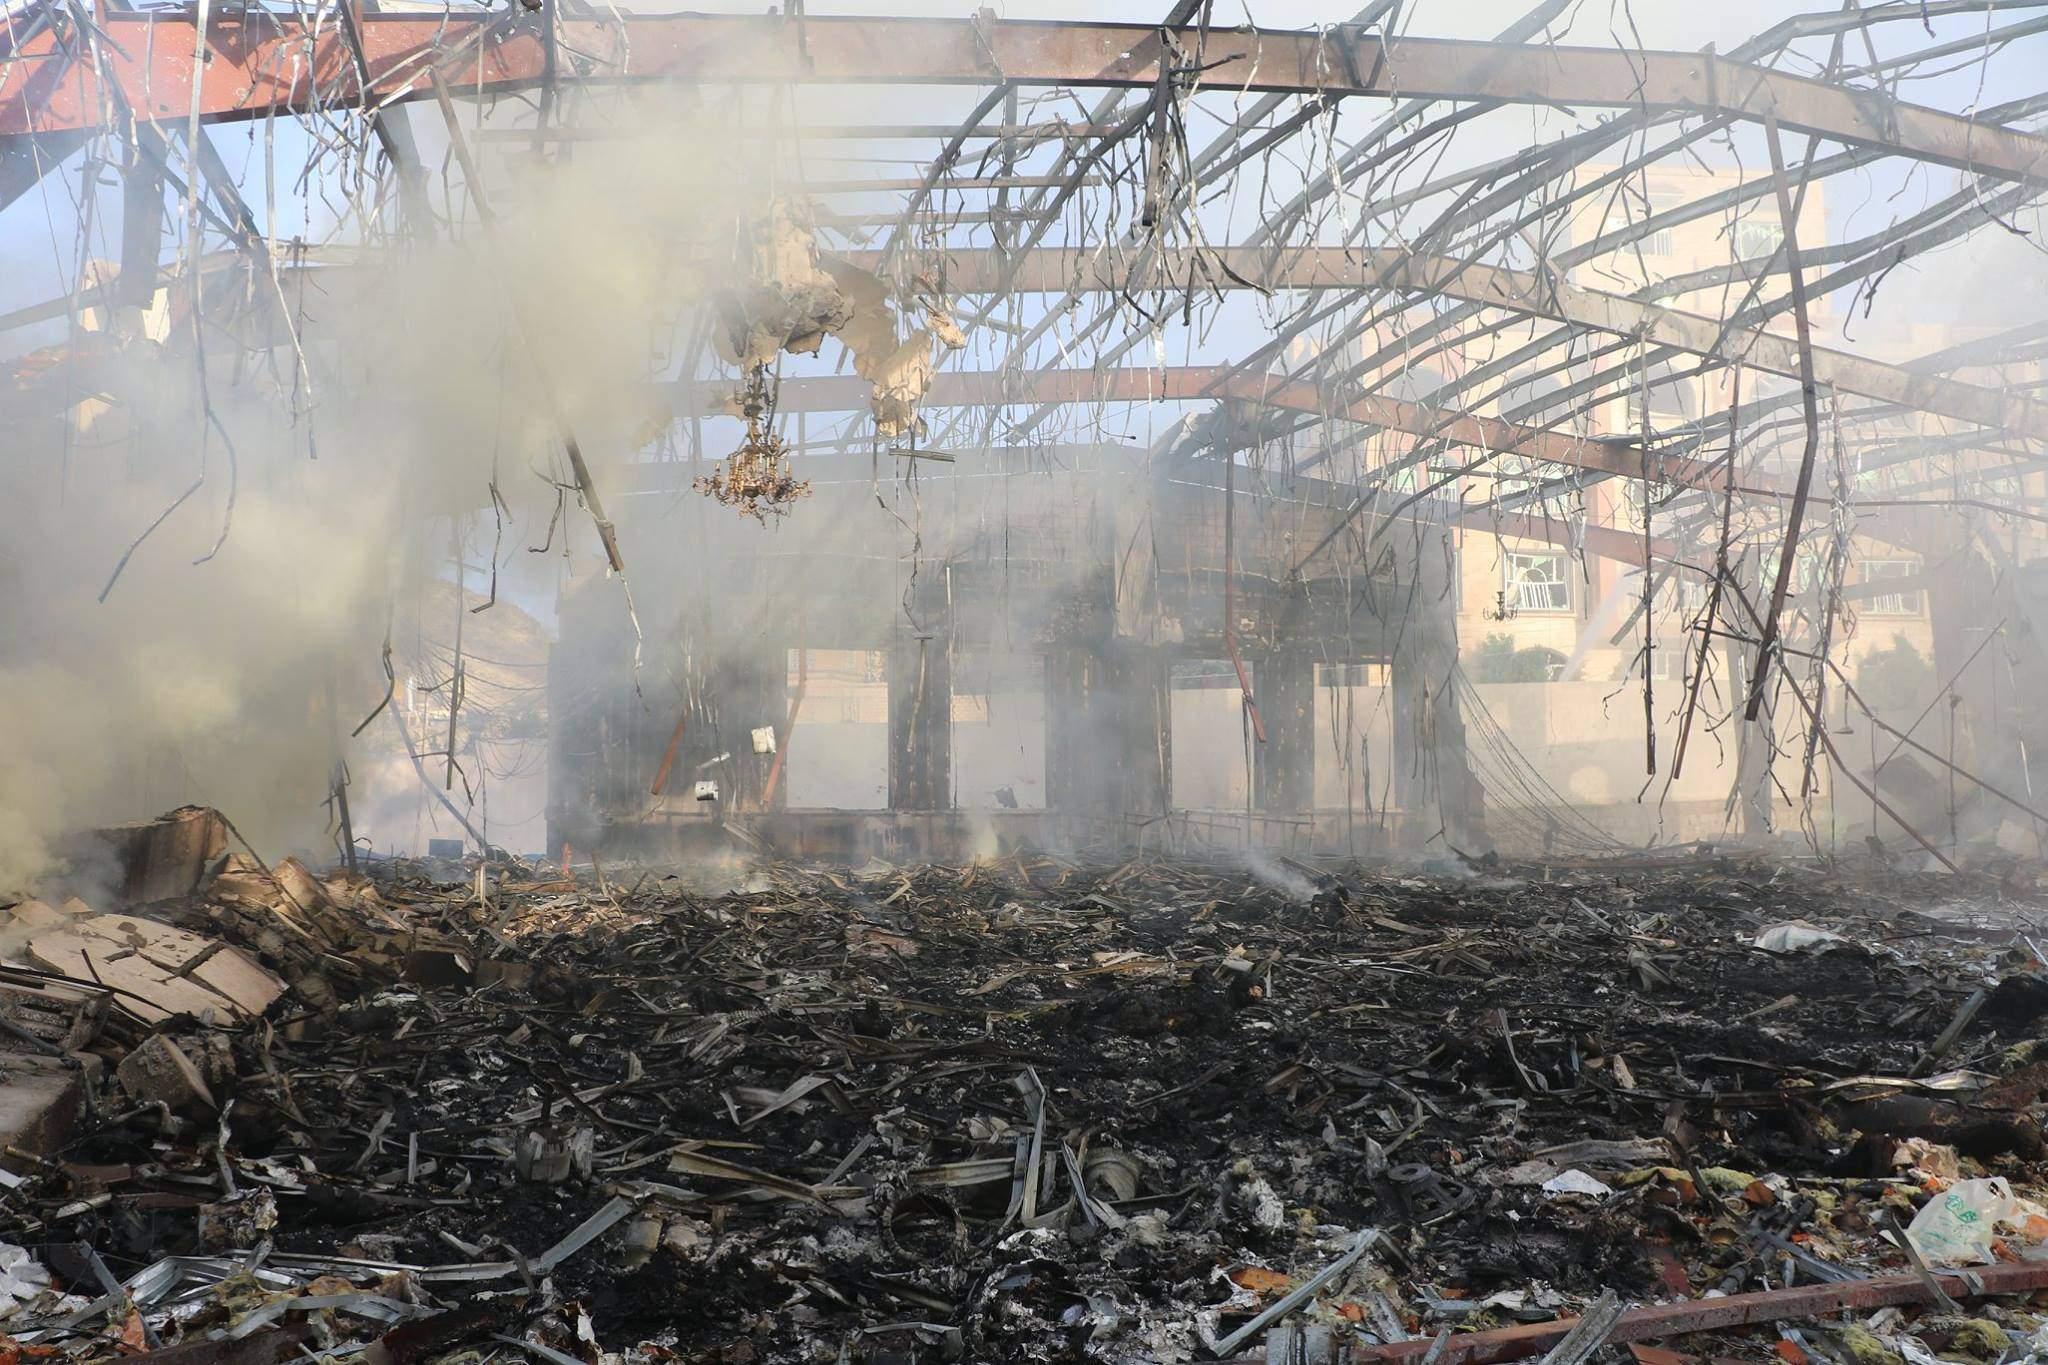 مصدر طبي يمني: ارتفاع عدد ضحايا غارات التحالف السعودي على صالة العزاء في صنعاء الى أكثر من 700 قتيلا وجريحا